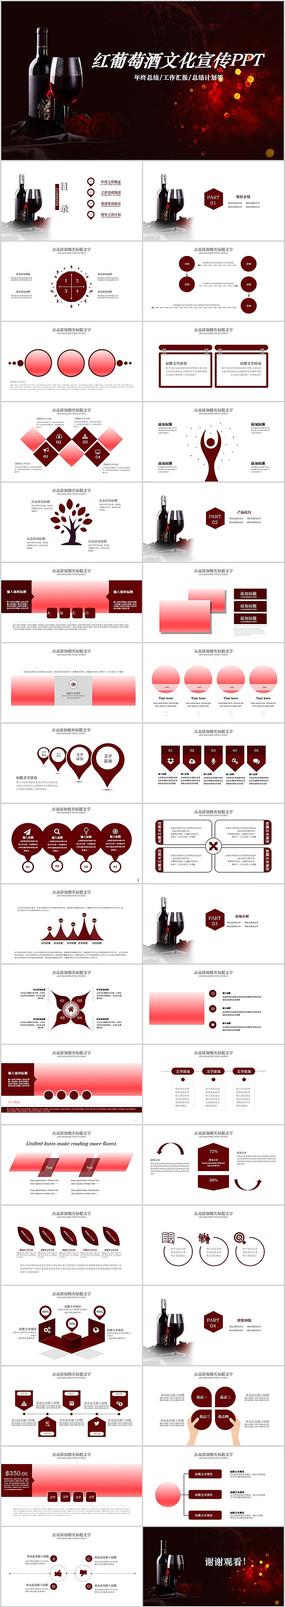 红酒文化红酒品鉴洋酒宣传PPT模板